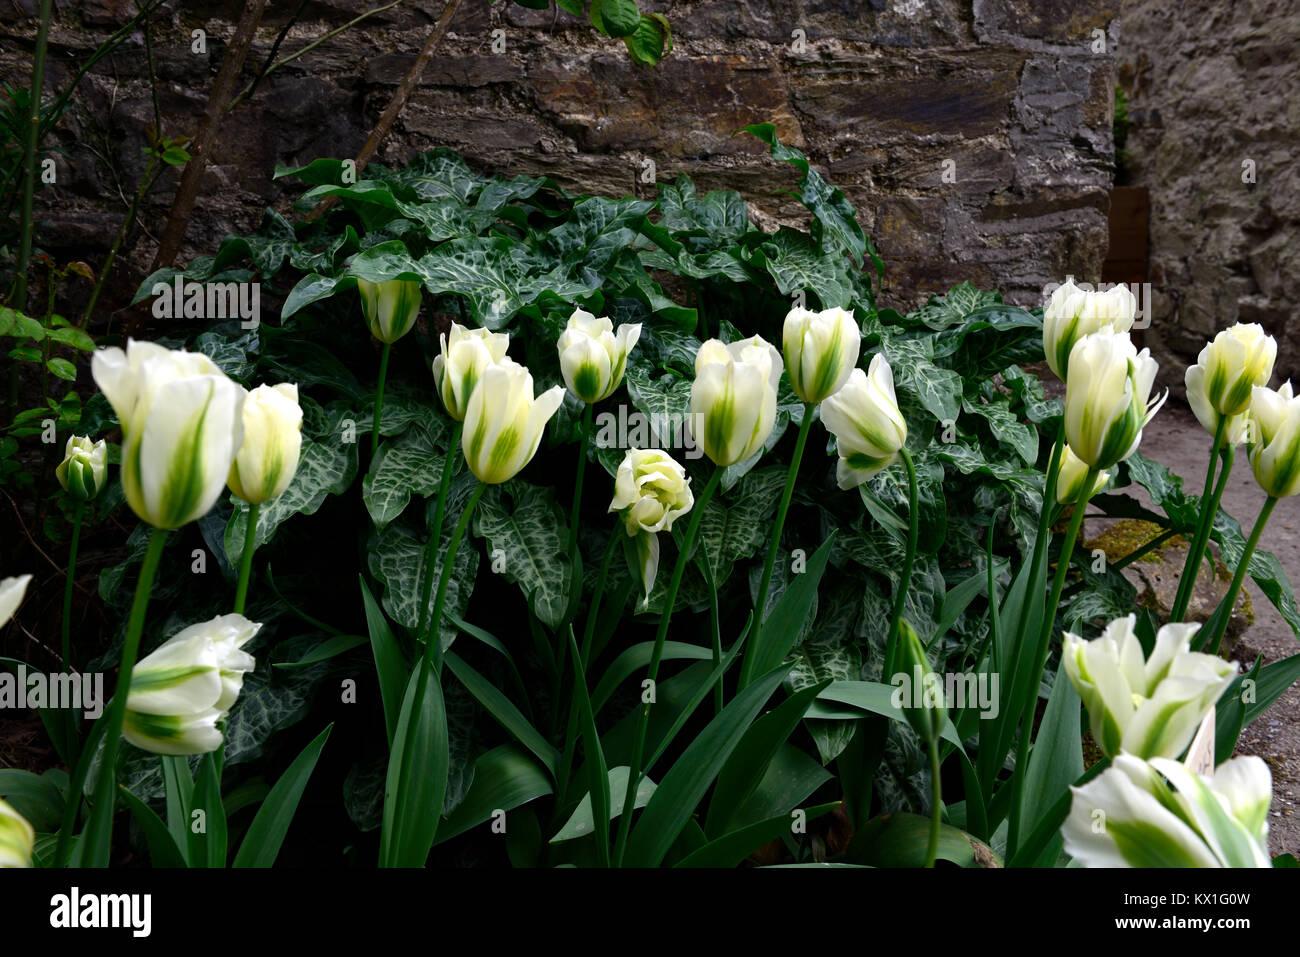 tulipa deirdre,tulip,tulips,green and white,flower,flowers,flowering,arum italicum subsp italicum marmoratum,syn,arum - Stock Image